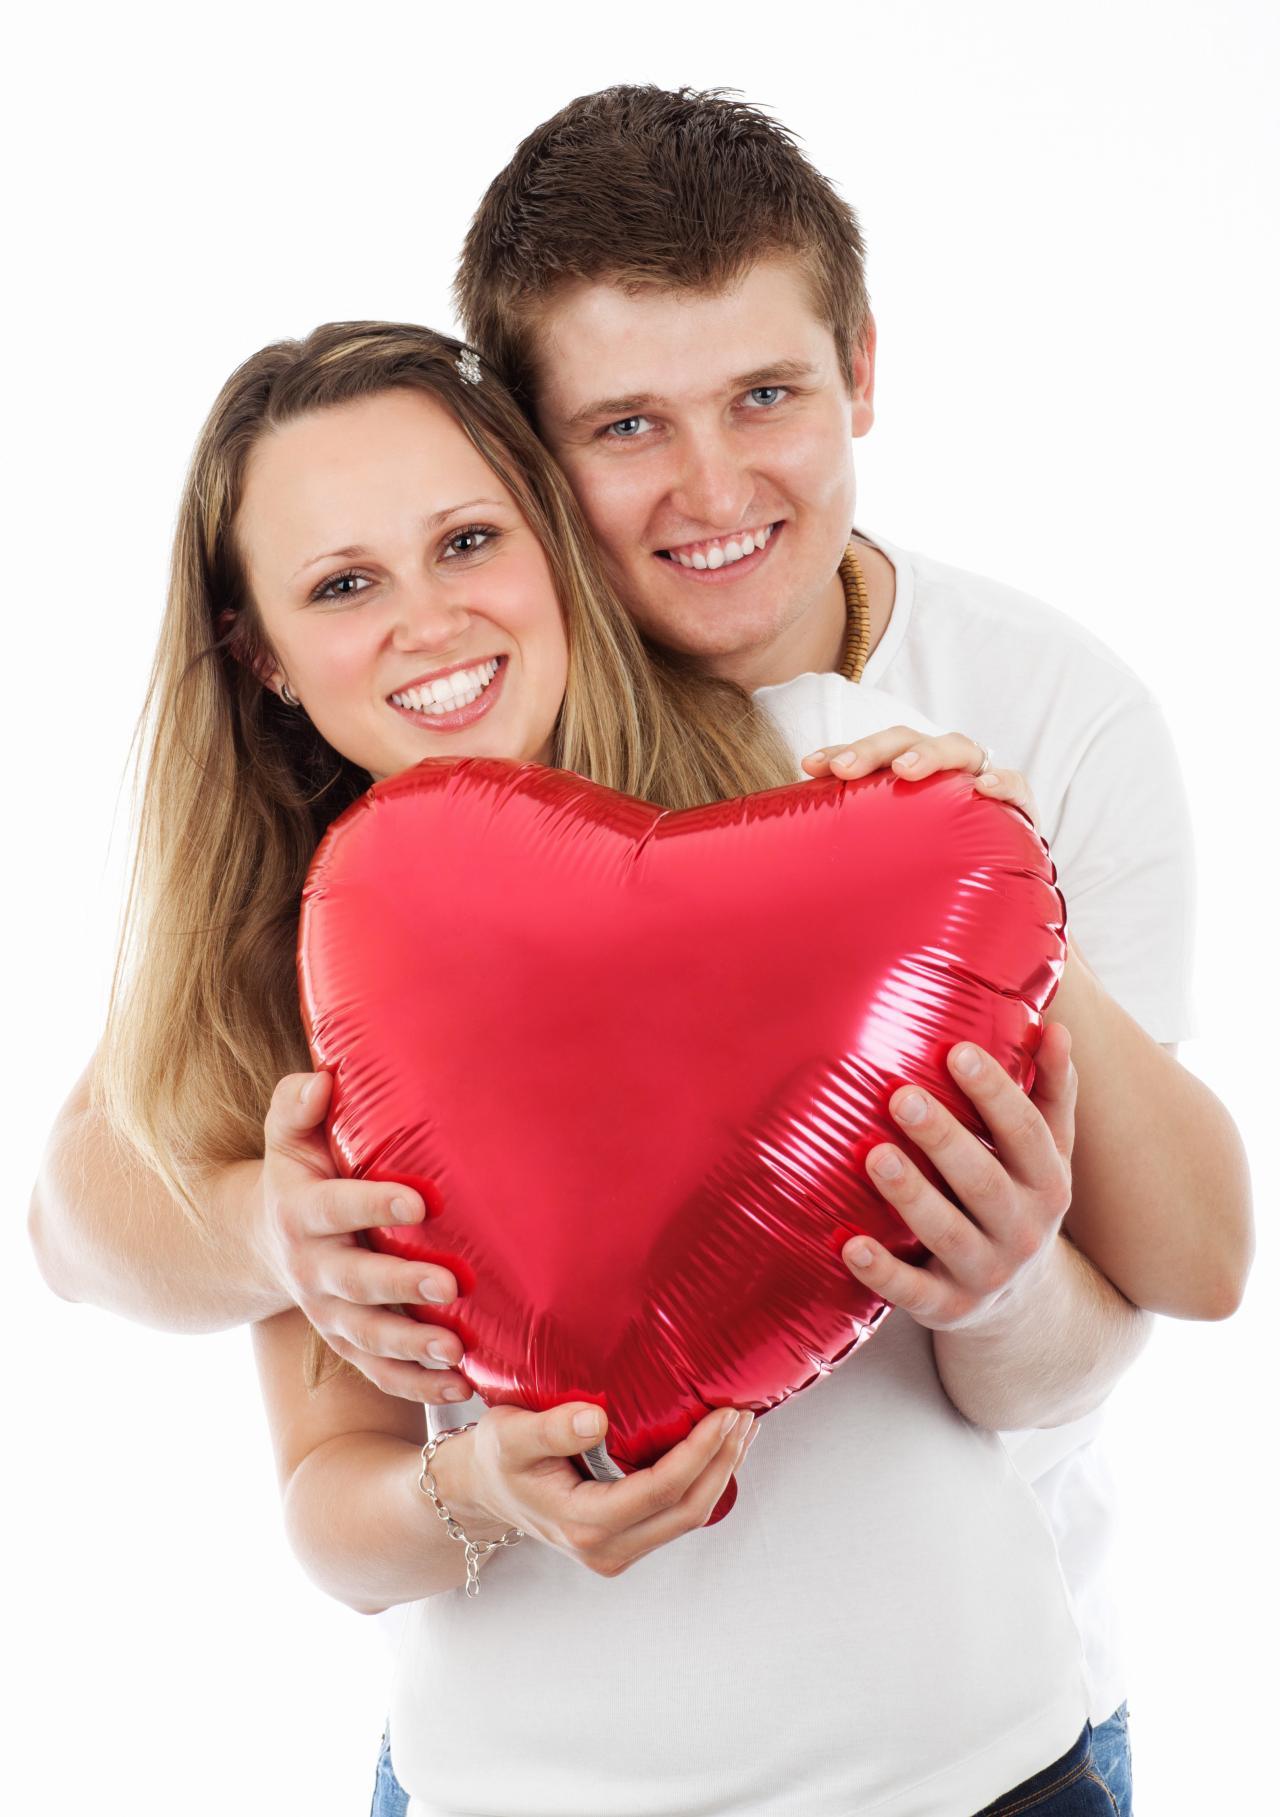 Love Couple, Lover Couple, portrait, pose, valentine, partner, HQ Photo